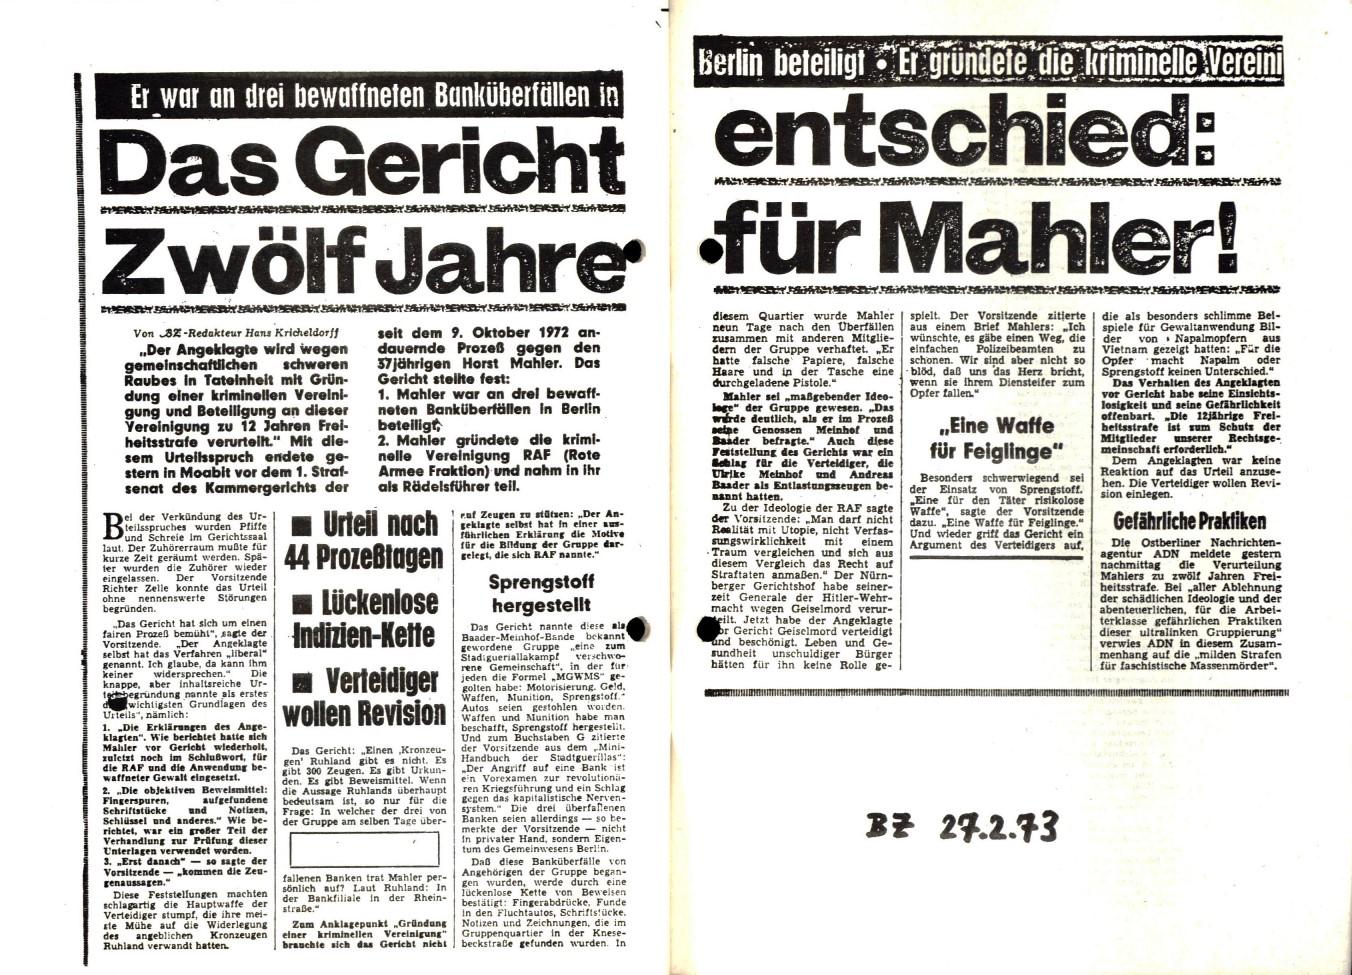 Berlin_Komitee_Mahler_Dokumentation_2_23